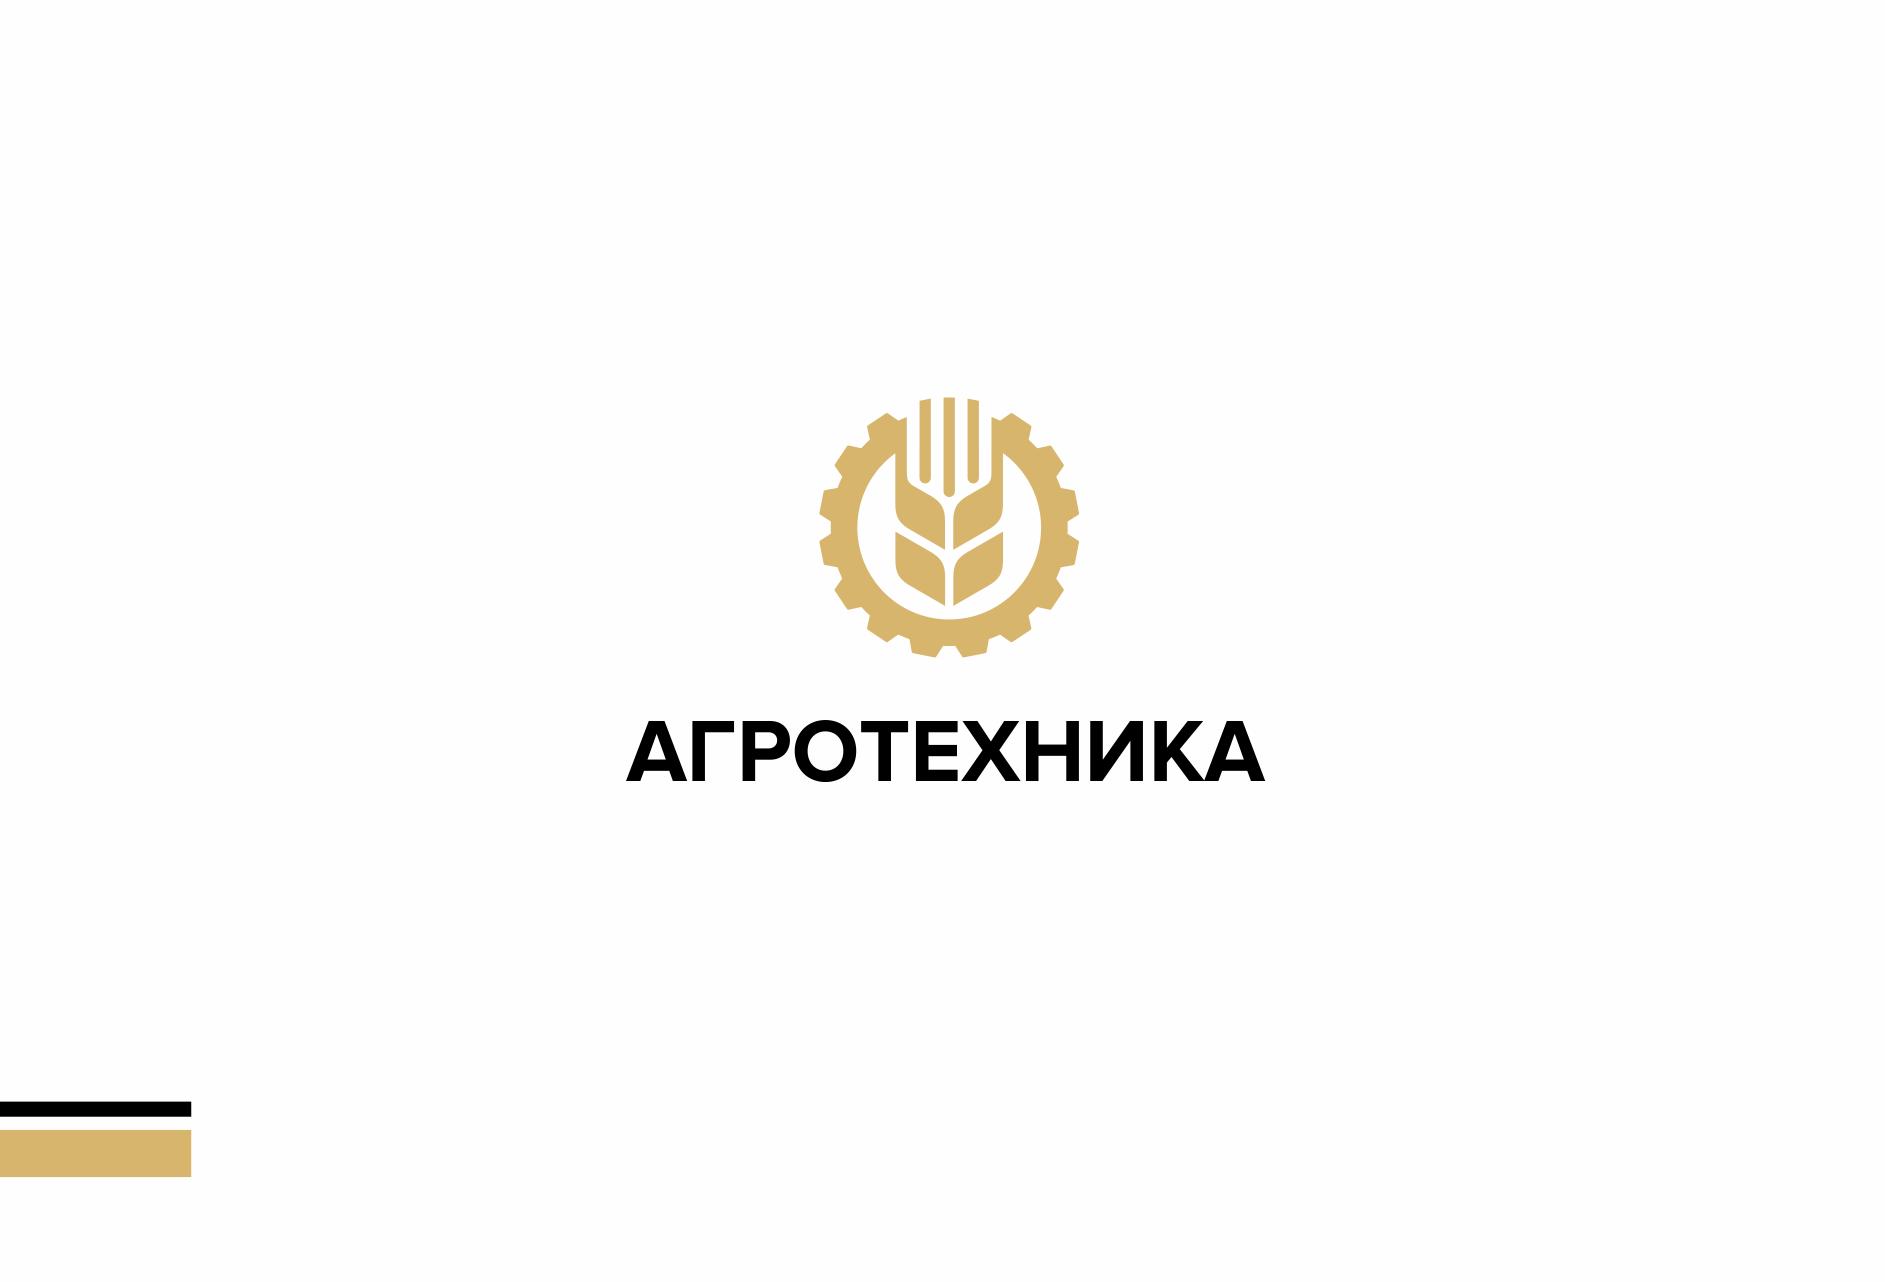 Разработка логотипа для компании Агротехника фото f_0635c04e7c12ee4a.png